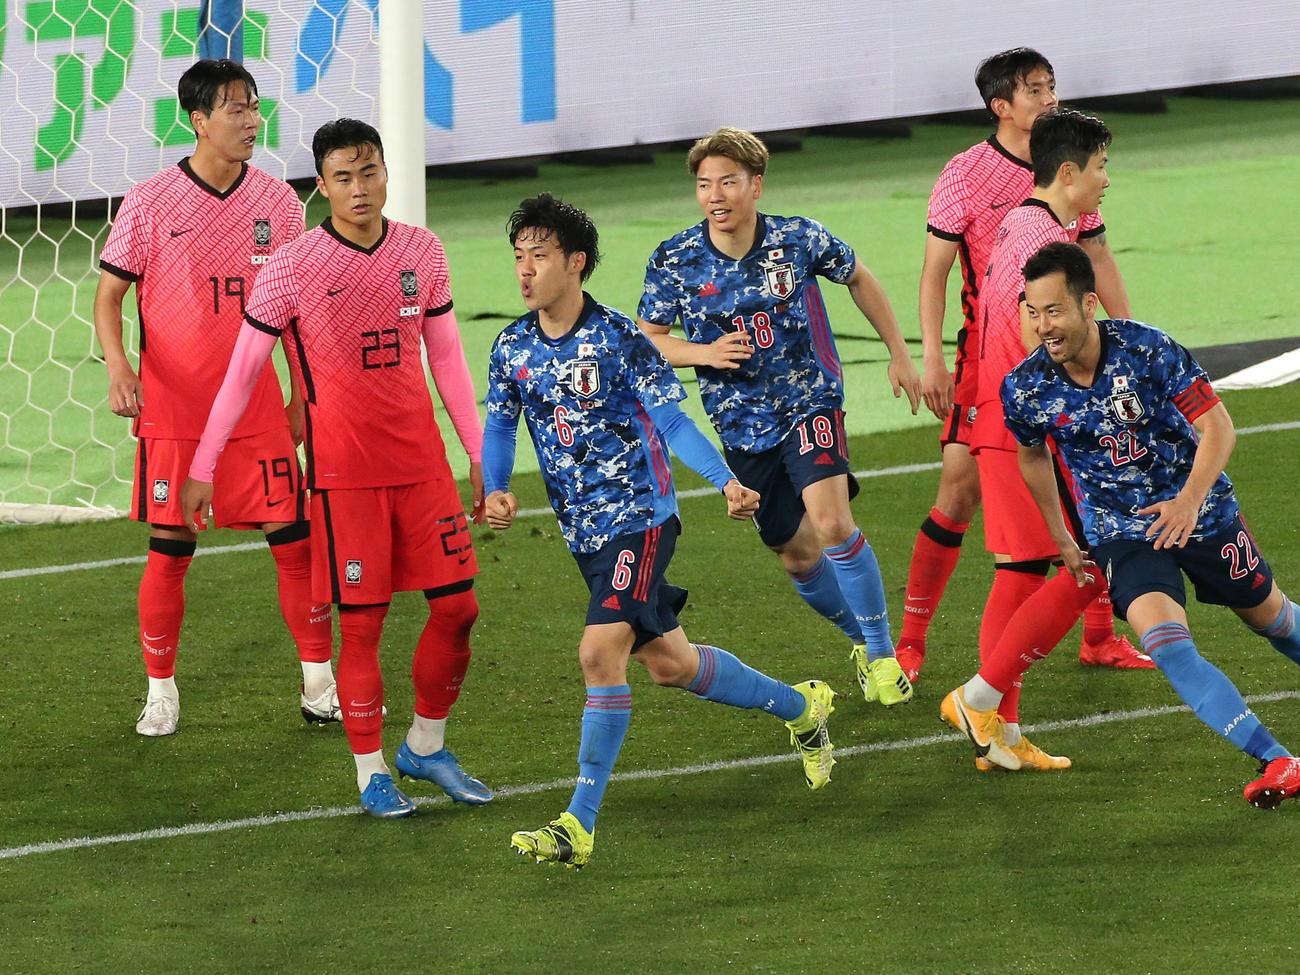 日本対韓国 後半、ゴールを決めた遠藤(中央左)は肩を落とす韓国イレブンの横で喜ぶ(代表撮影)